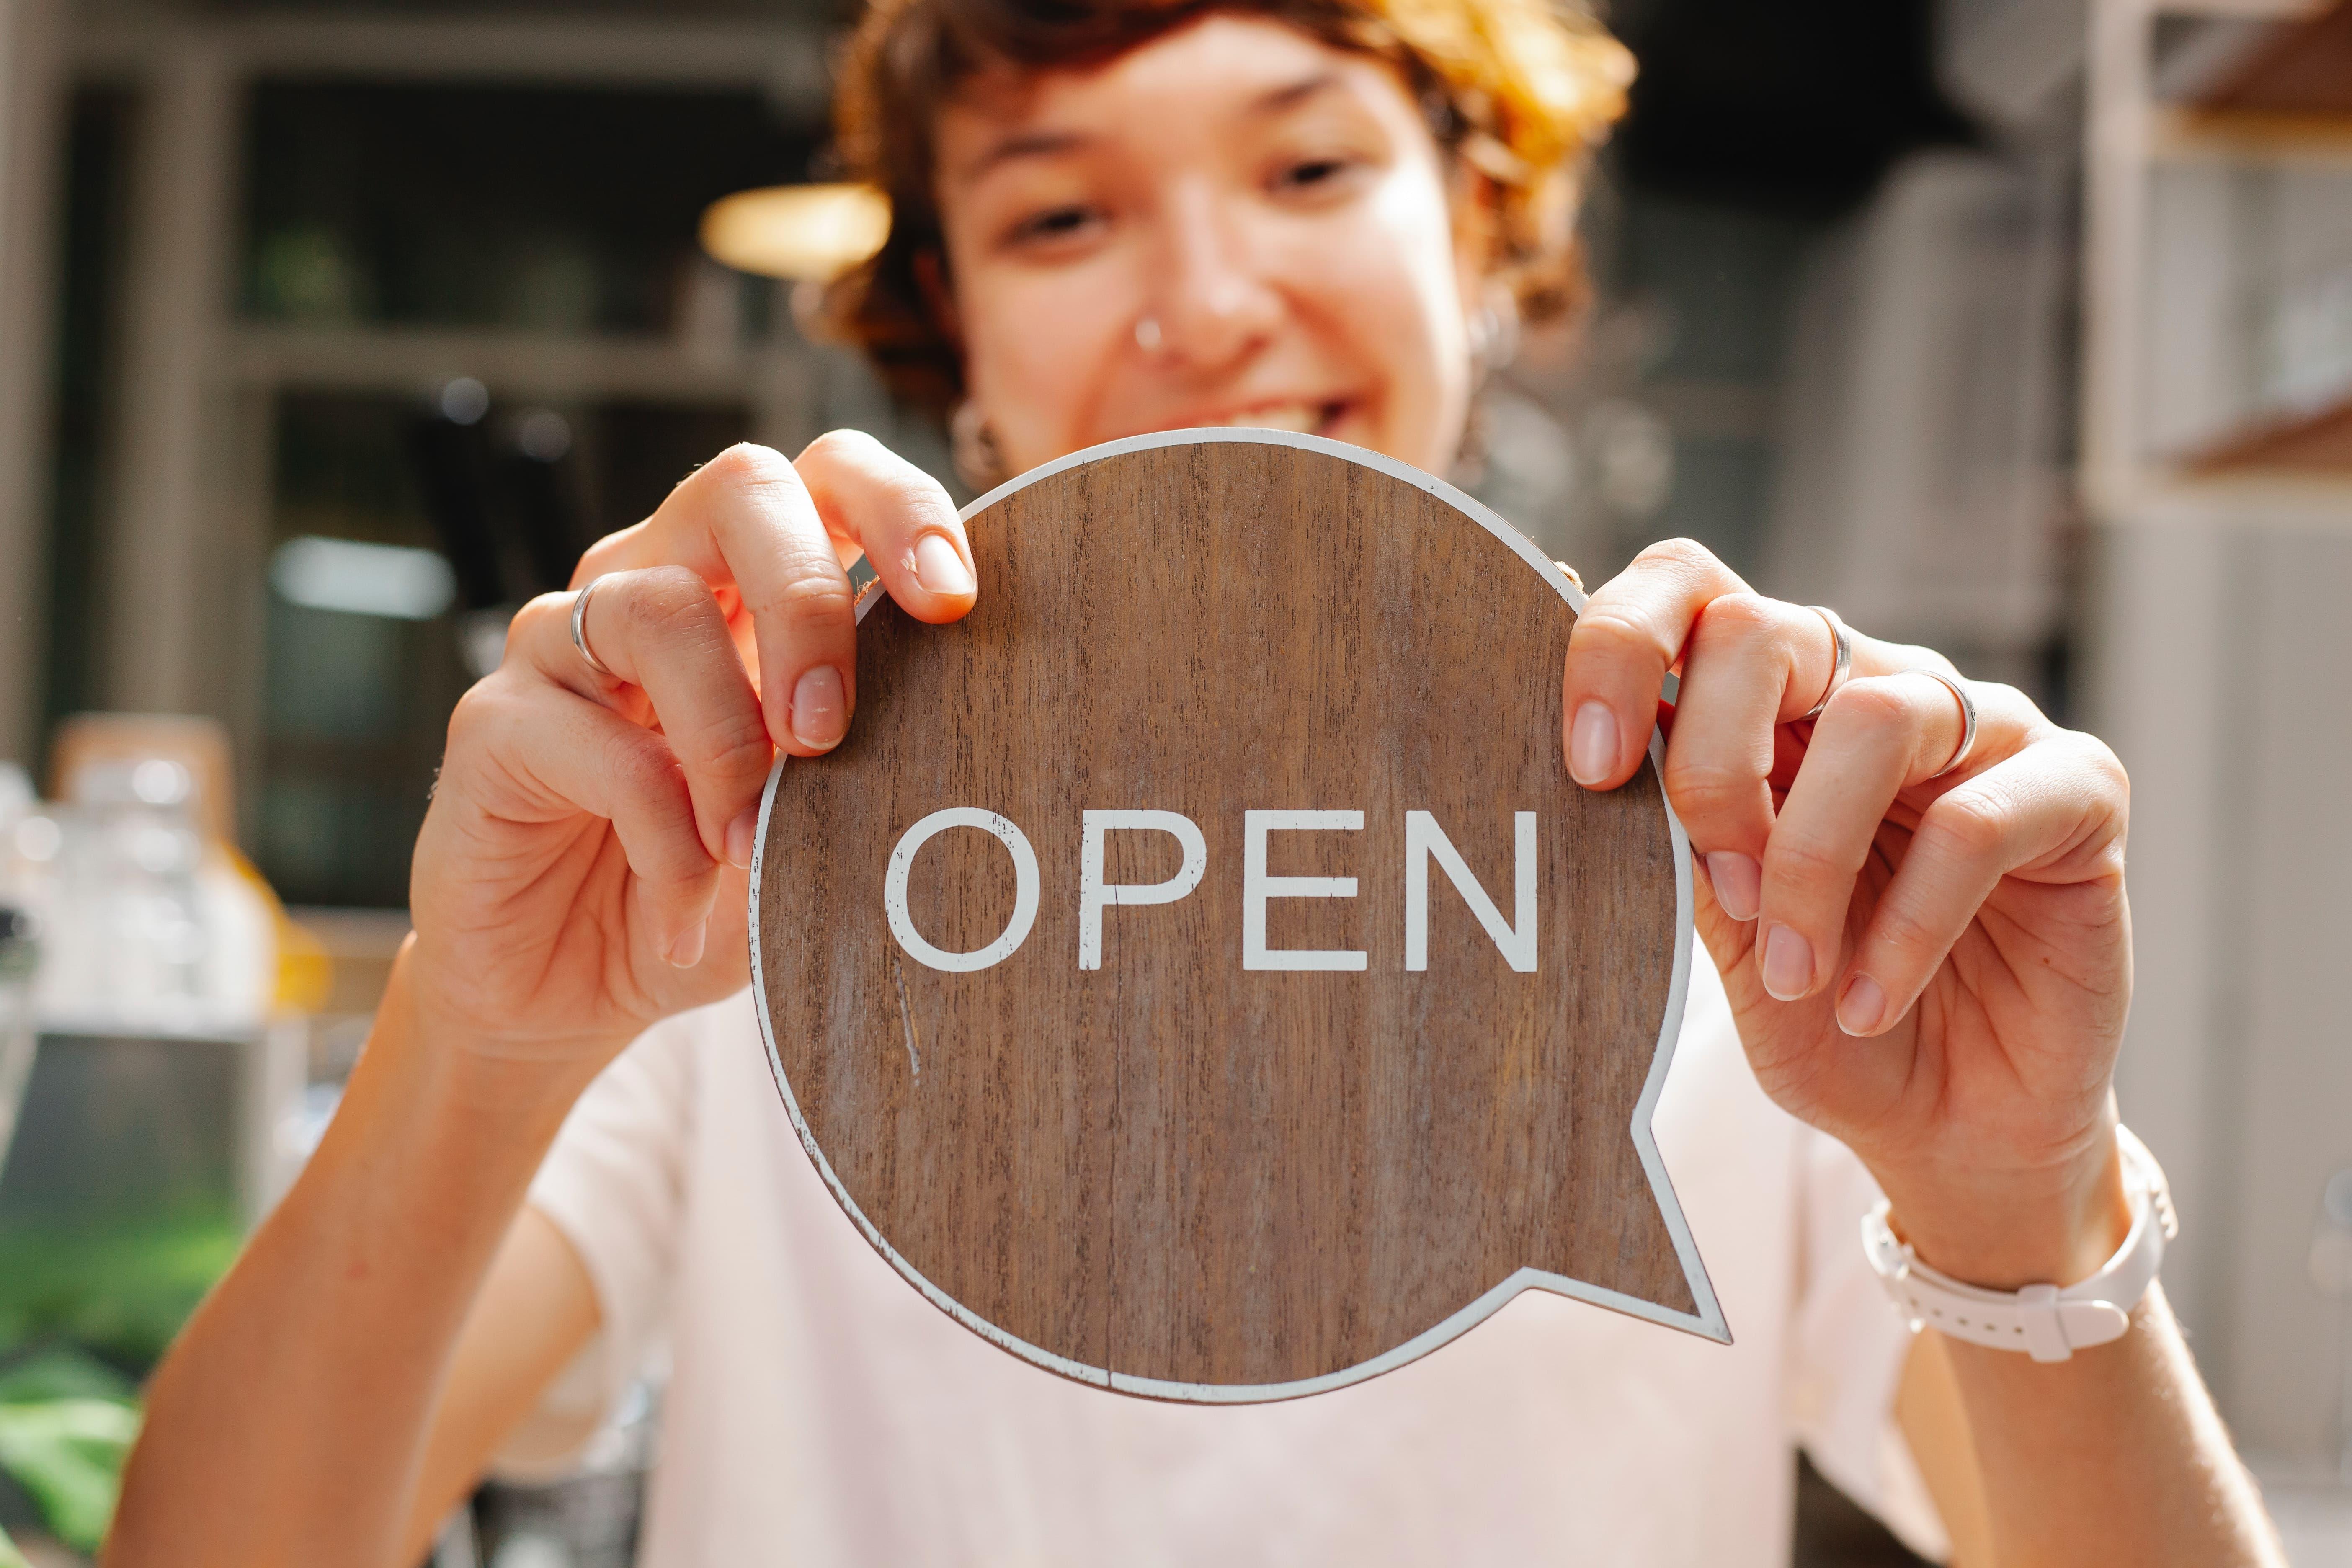 Girl holding open sign